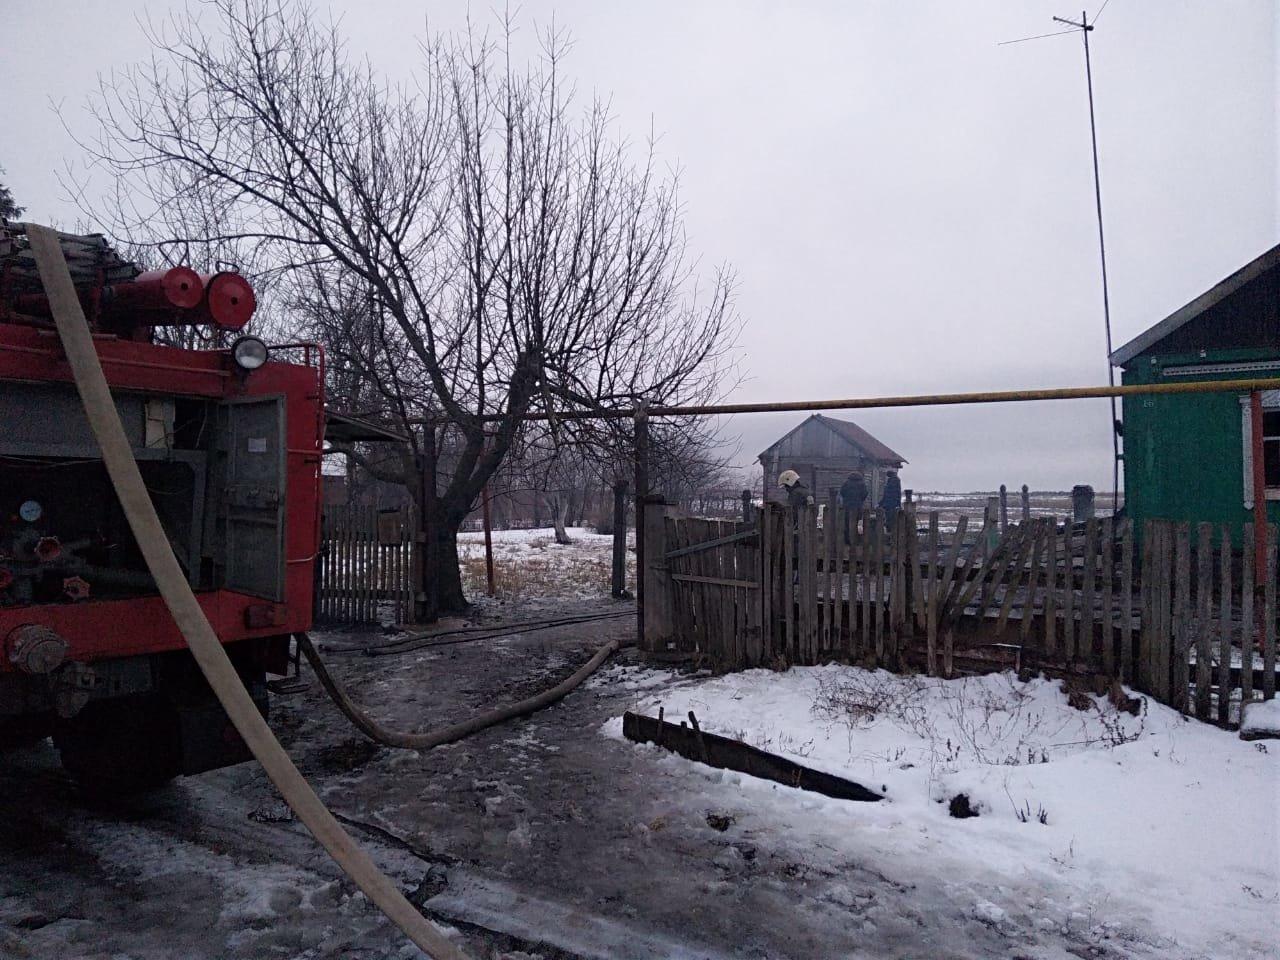 В Тамбовской области сгорел жилой дом: под завалами обнаружили тела двух человек, фото-2